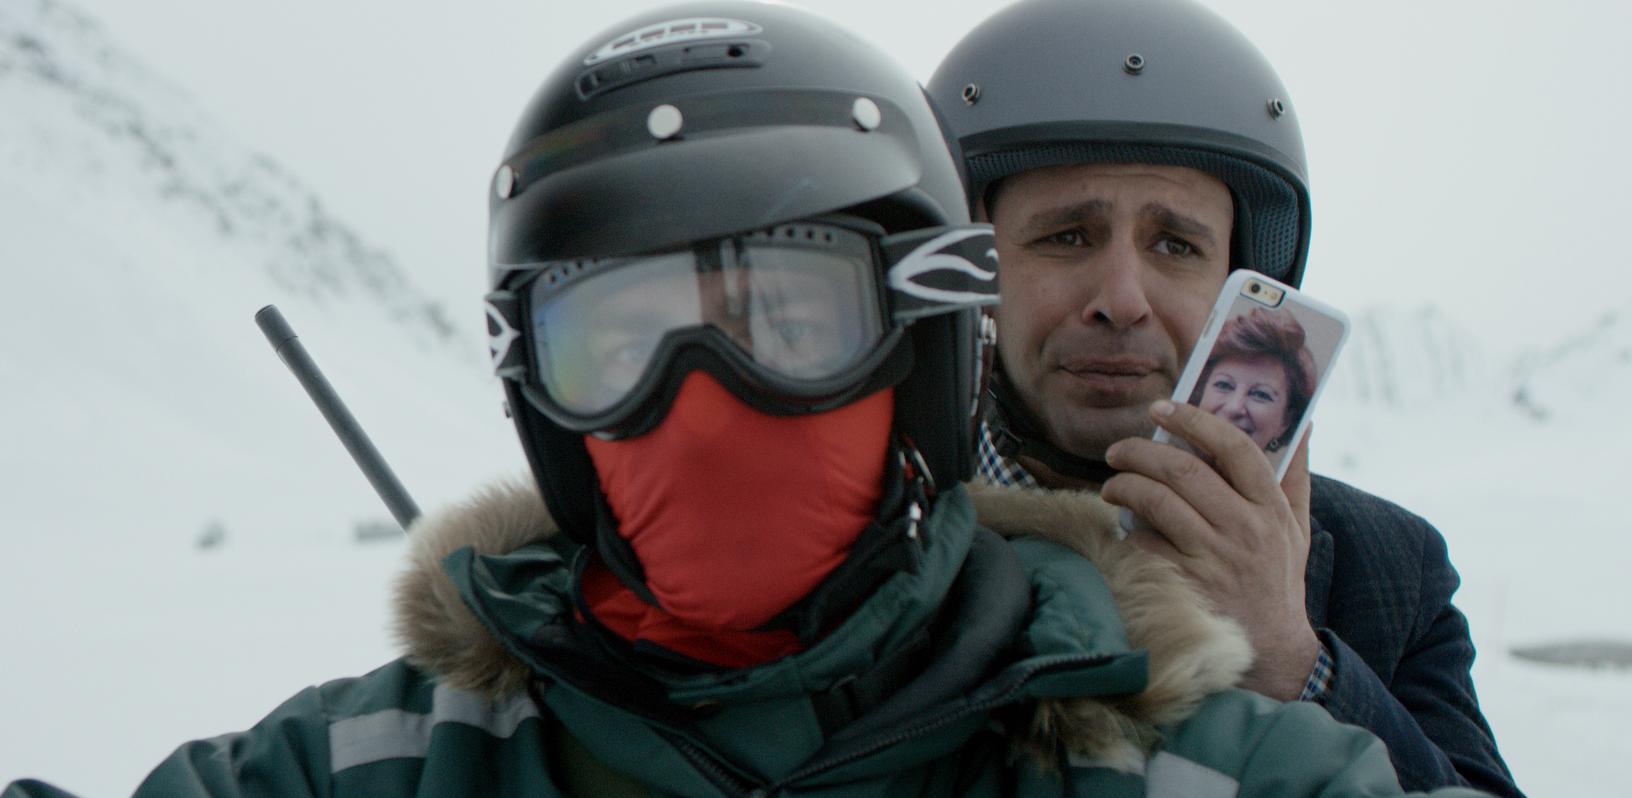 Zalone in motoslitta con telefono@MaurizioRaspante